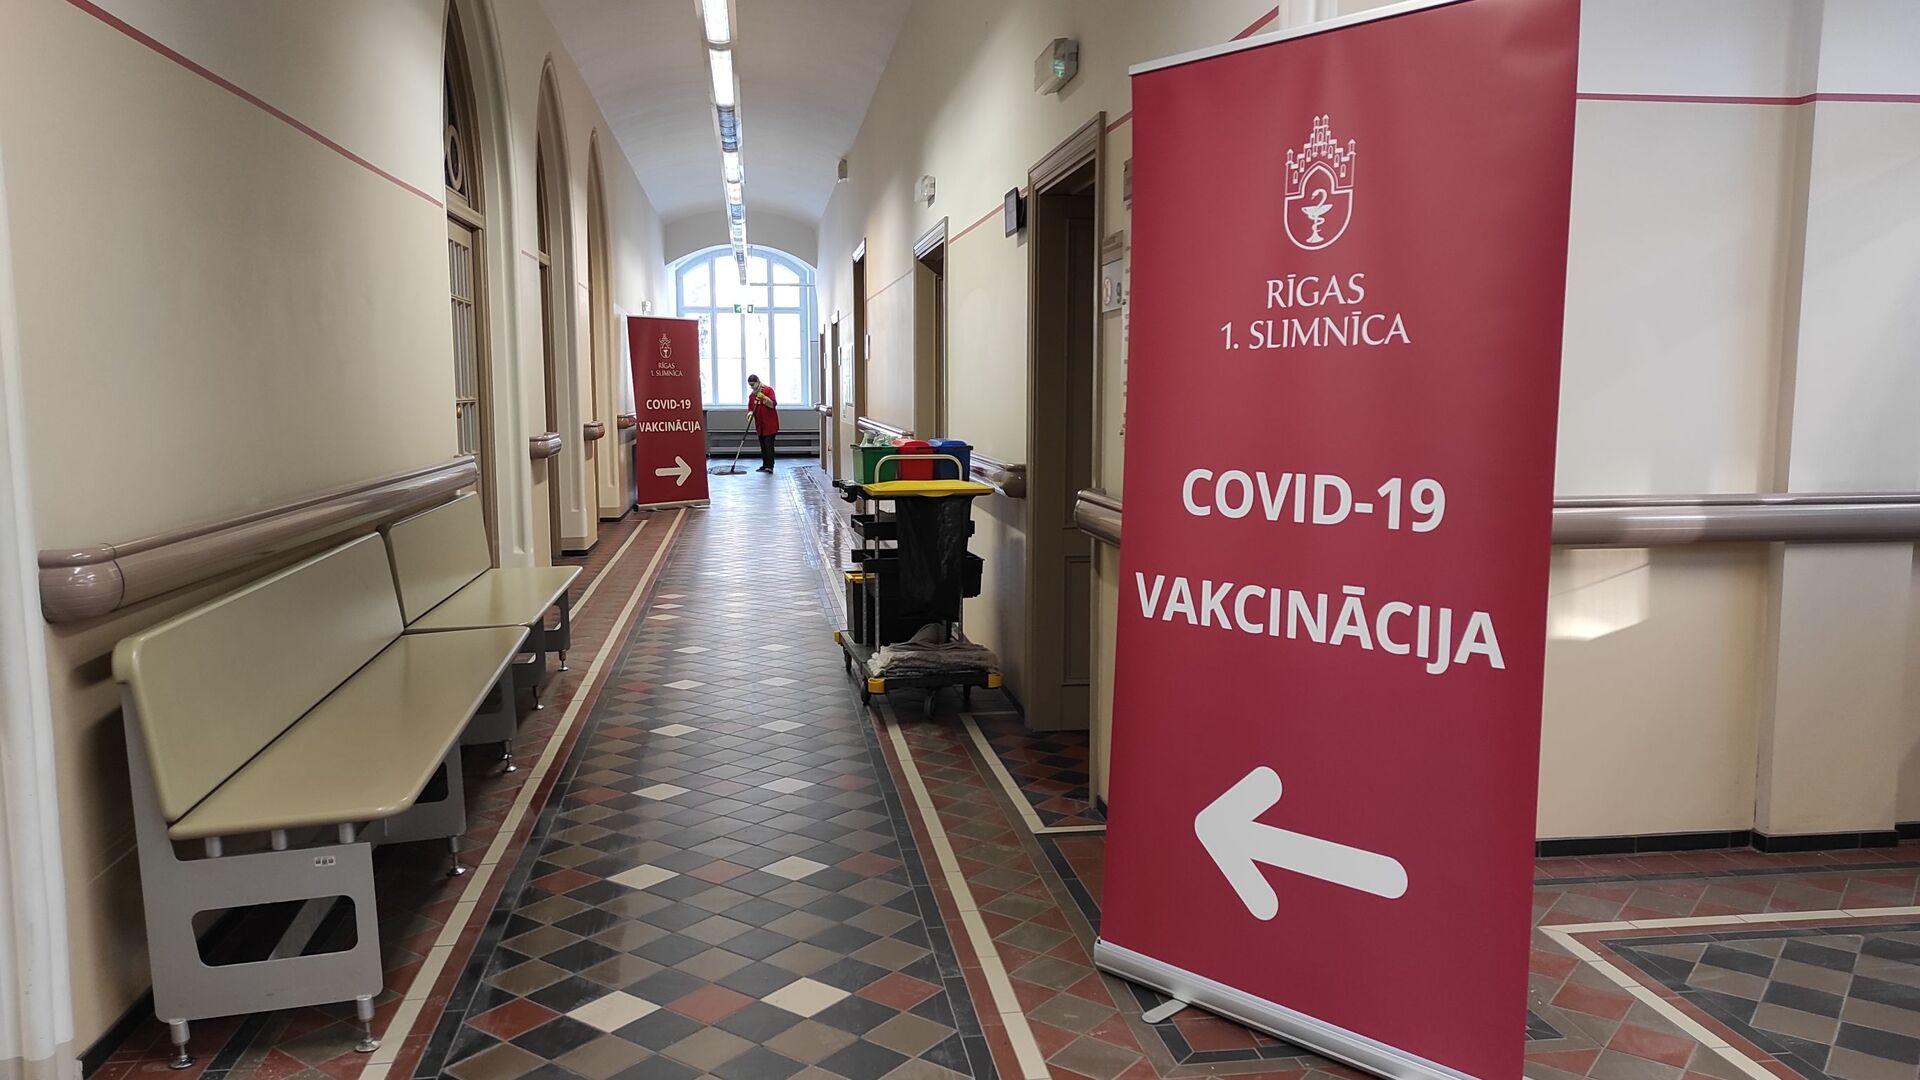 Вакцинация в Первой городской больнице Риги - Sputnik Латвия, 1920, 29.04.2021